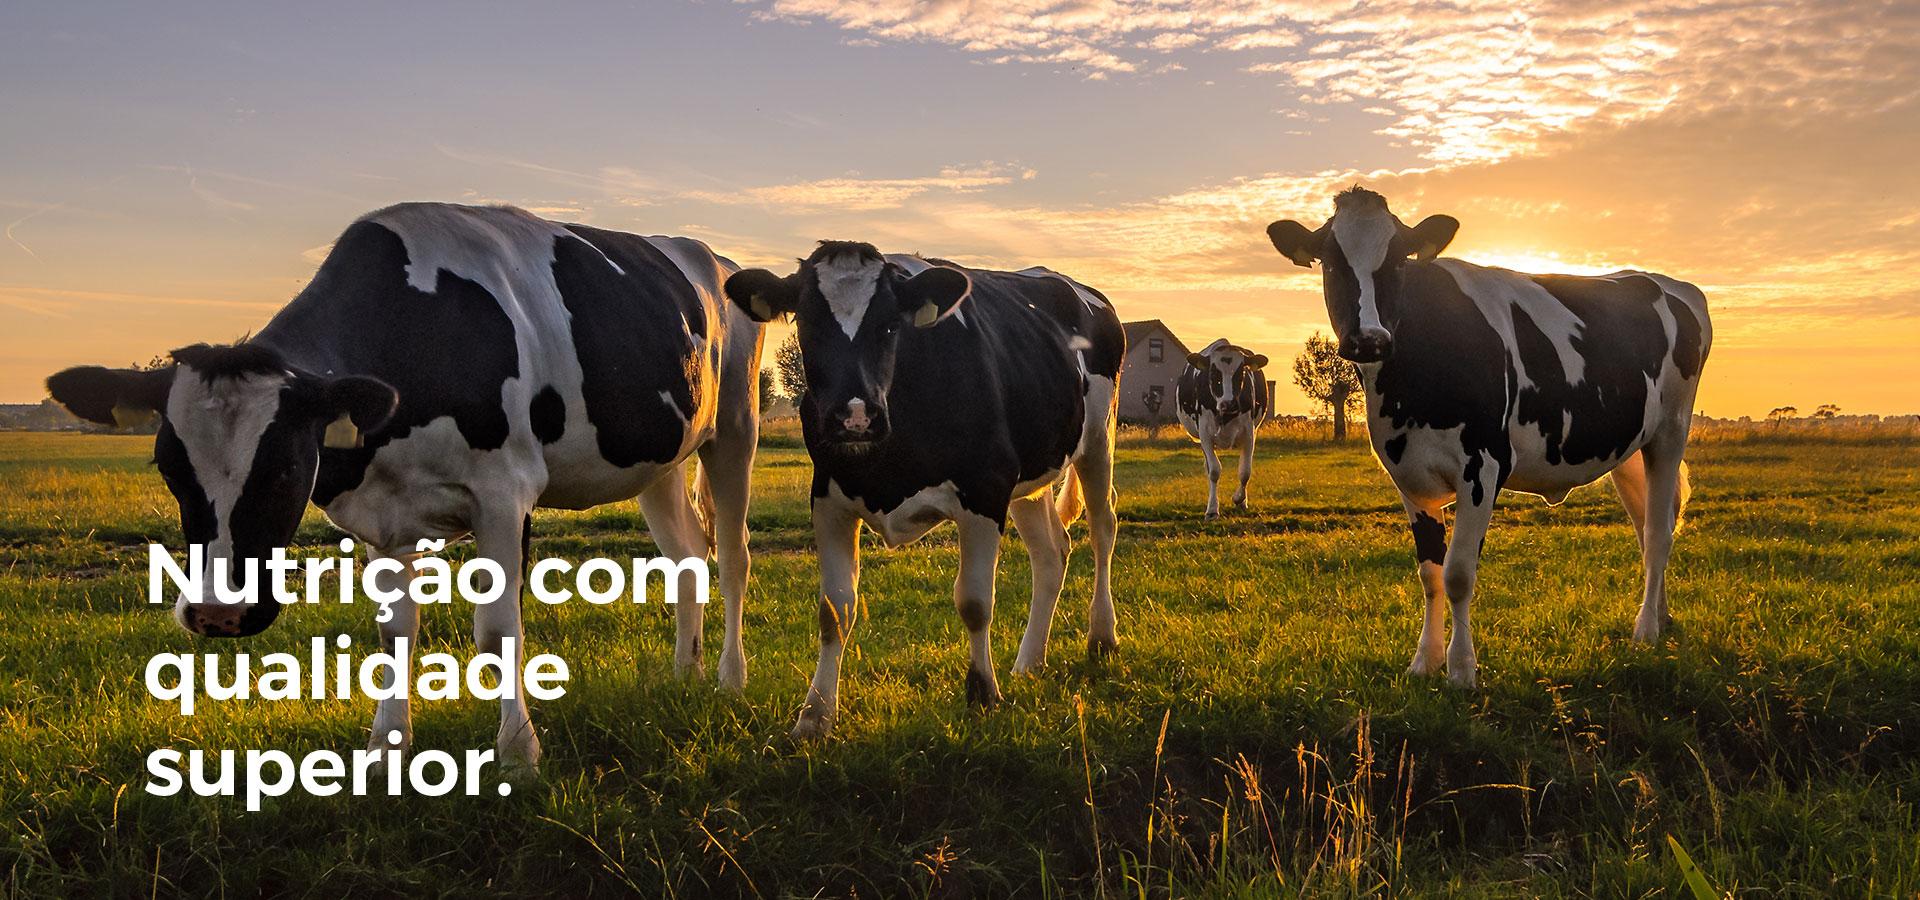 Nutrições bovinos